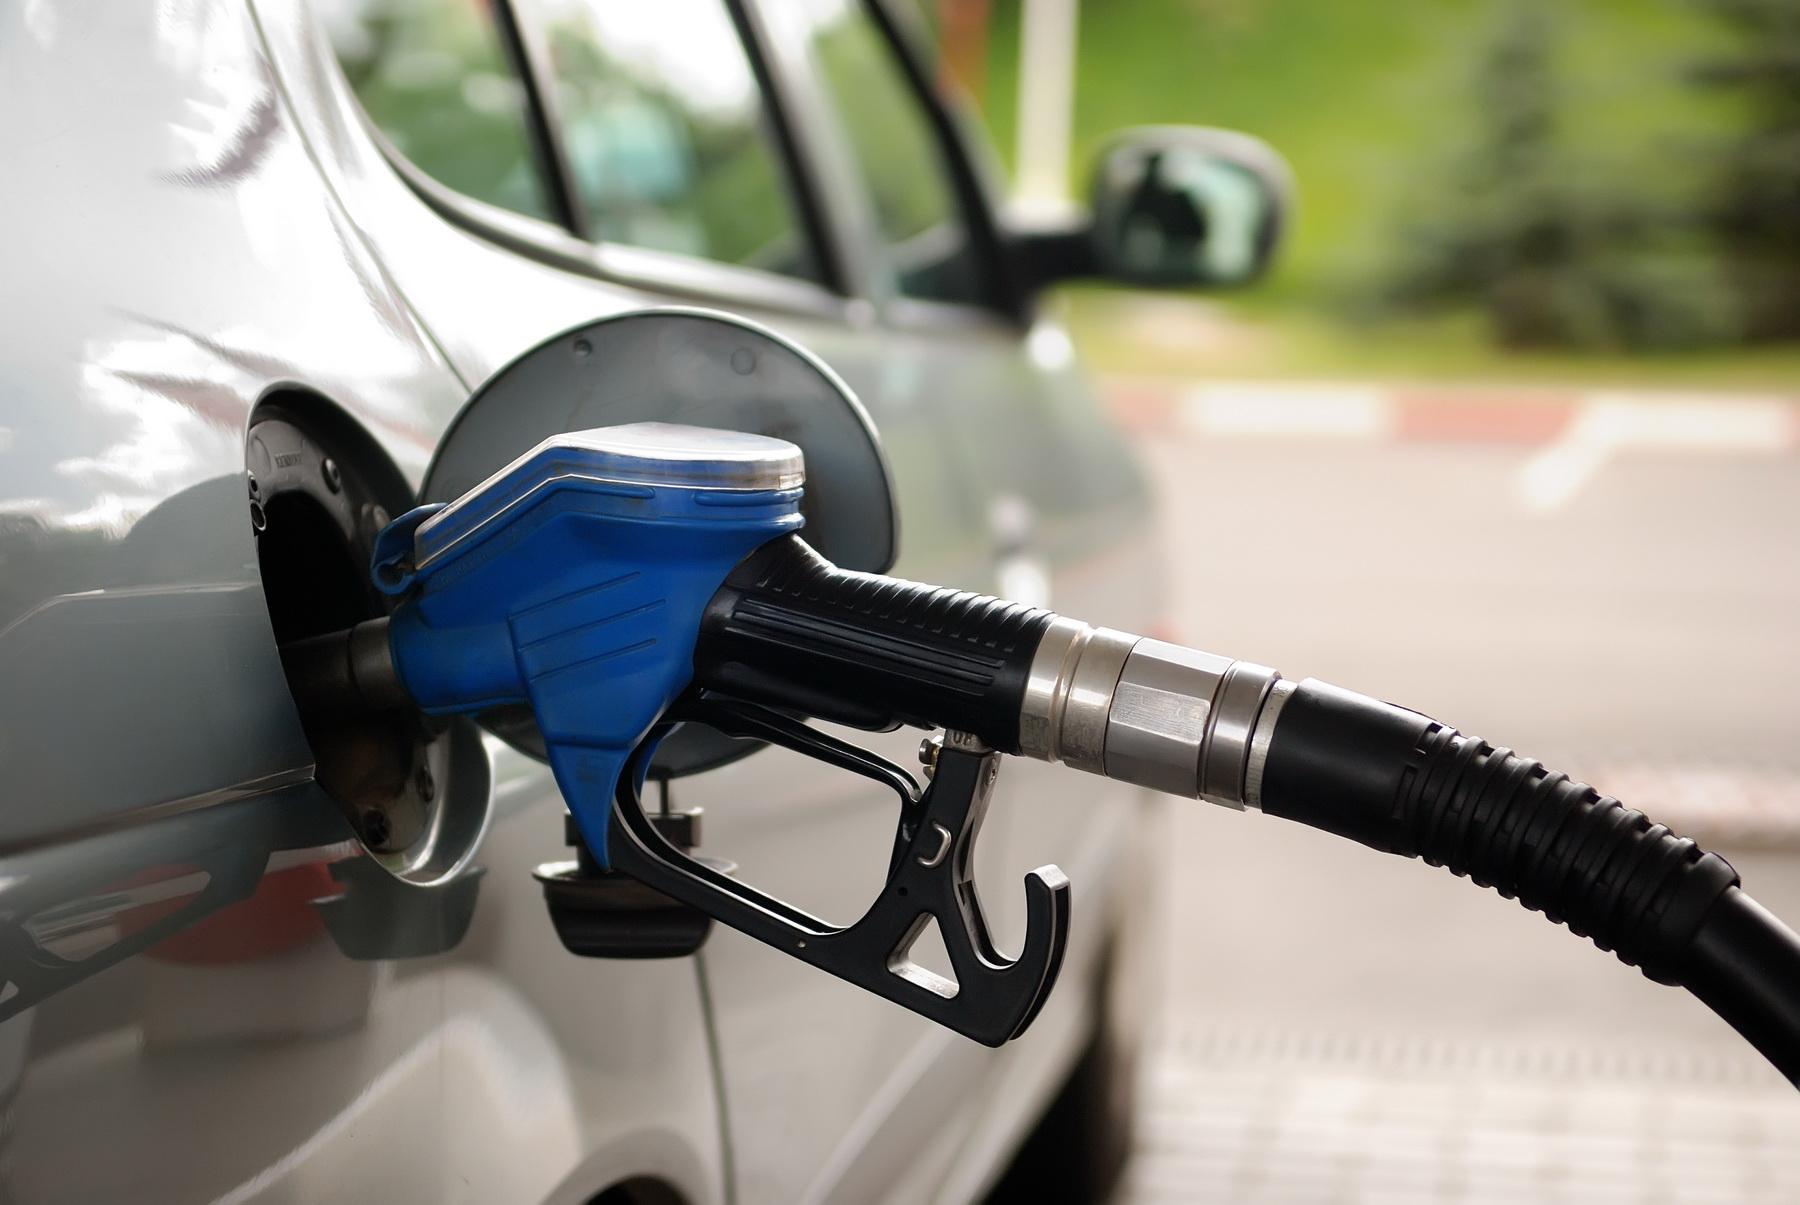 Хакеры взломали заправку и «слили» более 2000 литров бензина